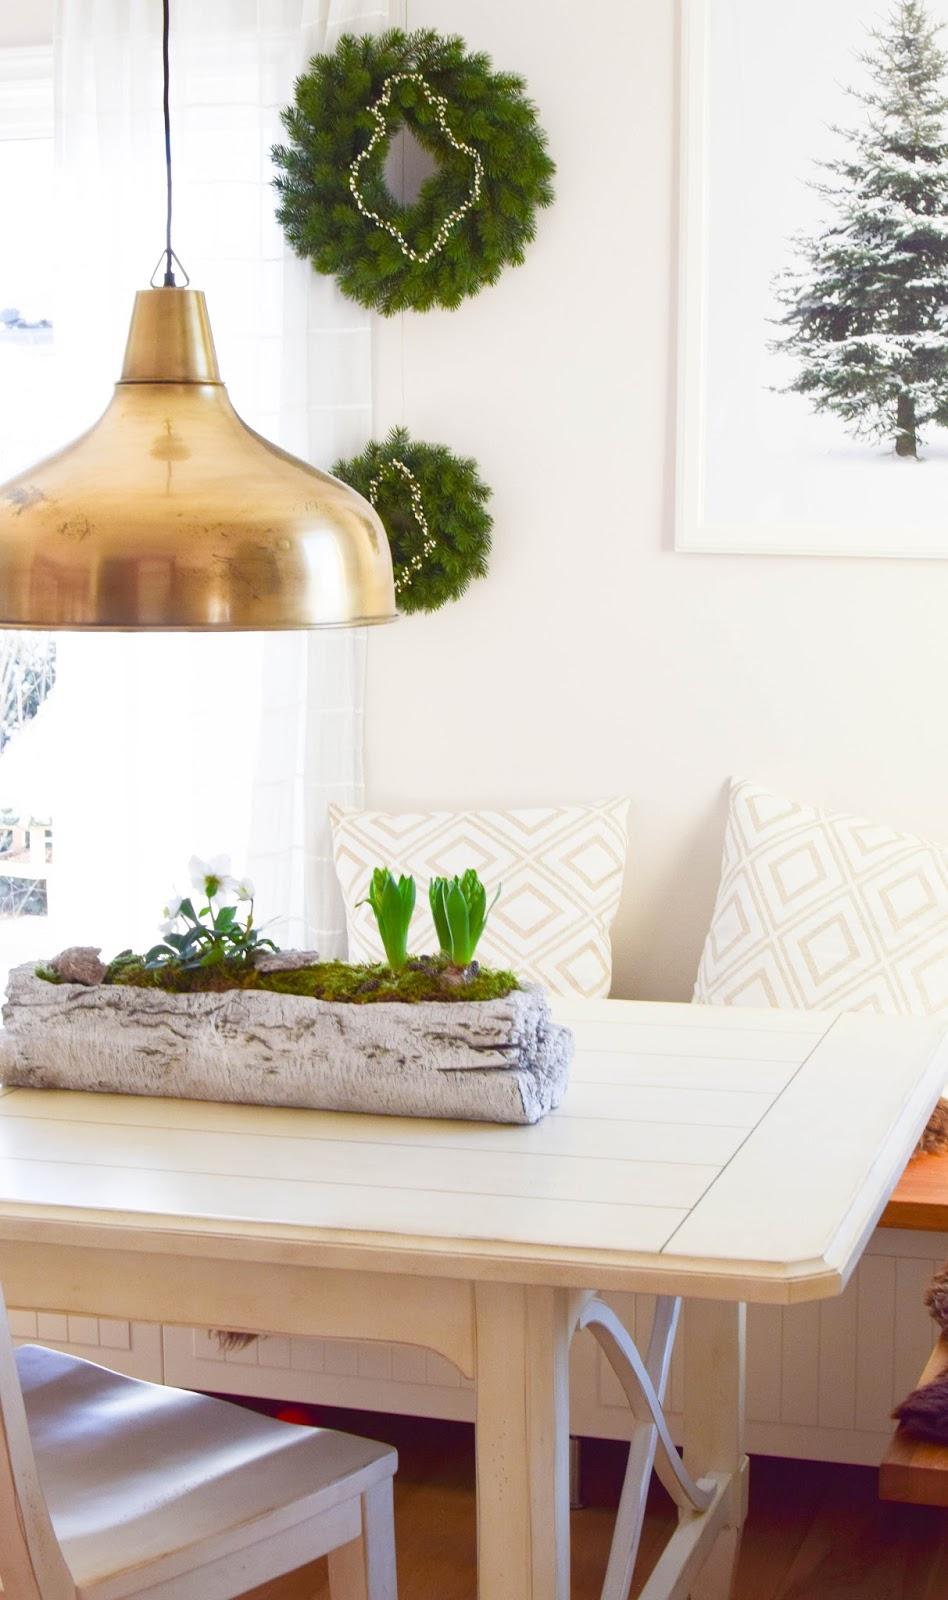 DIY Deko Schale für den Frühling mit Christrose, Hyazinthe und Moos. Kreativ Selbermachen Basteln mit Naturmaterialien. Naturdeko einfach, schnell und schön fürs Frühjahr